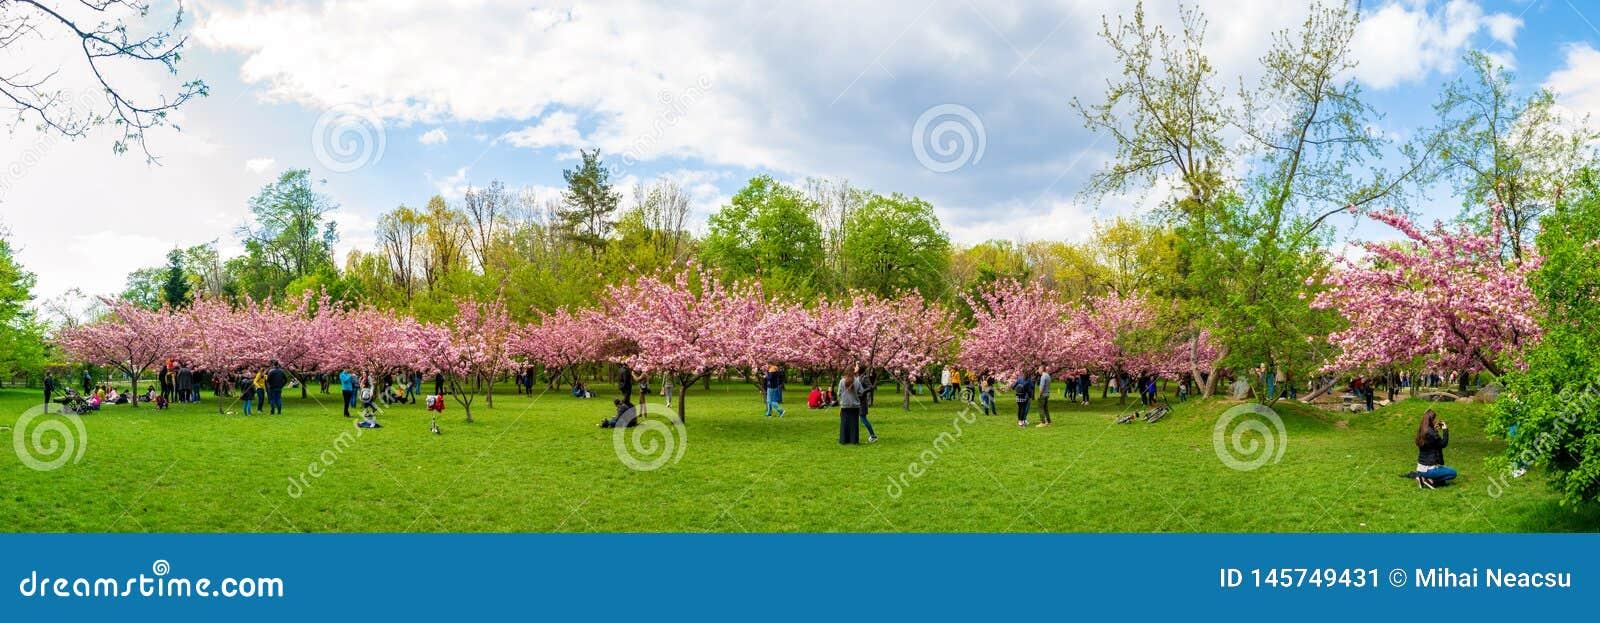 樱花树和游人在布加勒斯特的迈克尔I前Park Herastrau国王公园,罗马尼亚日本庭院里